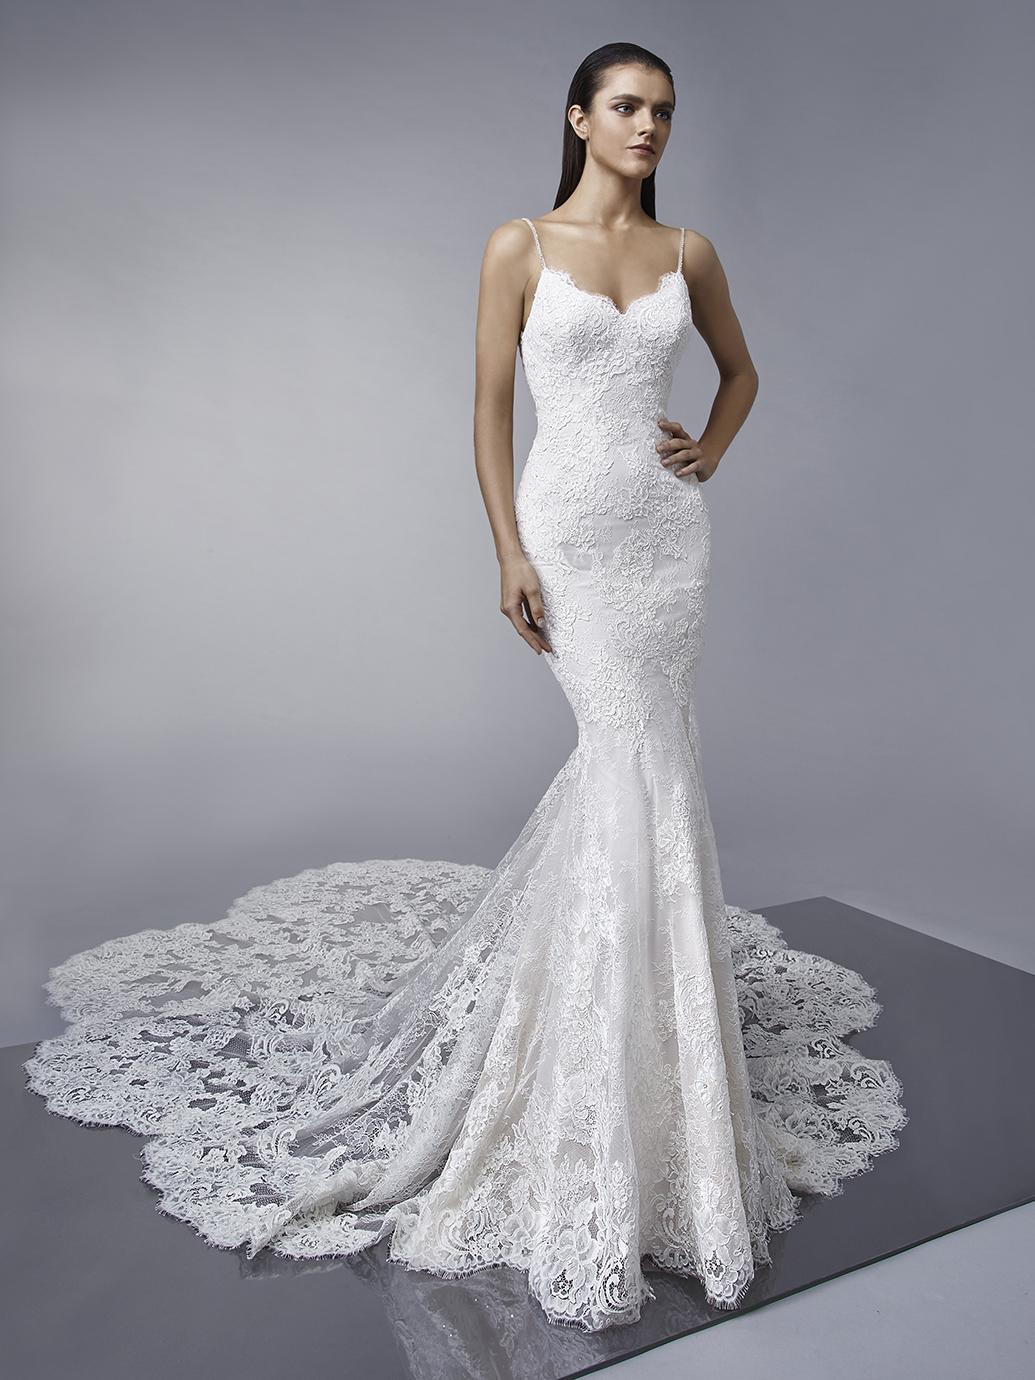 Das Enzoani Brautkleid 2018 - Heiraten & Hochzeit